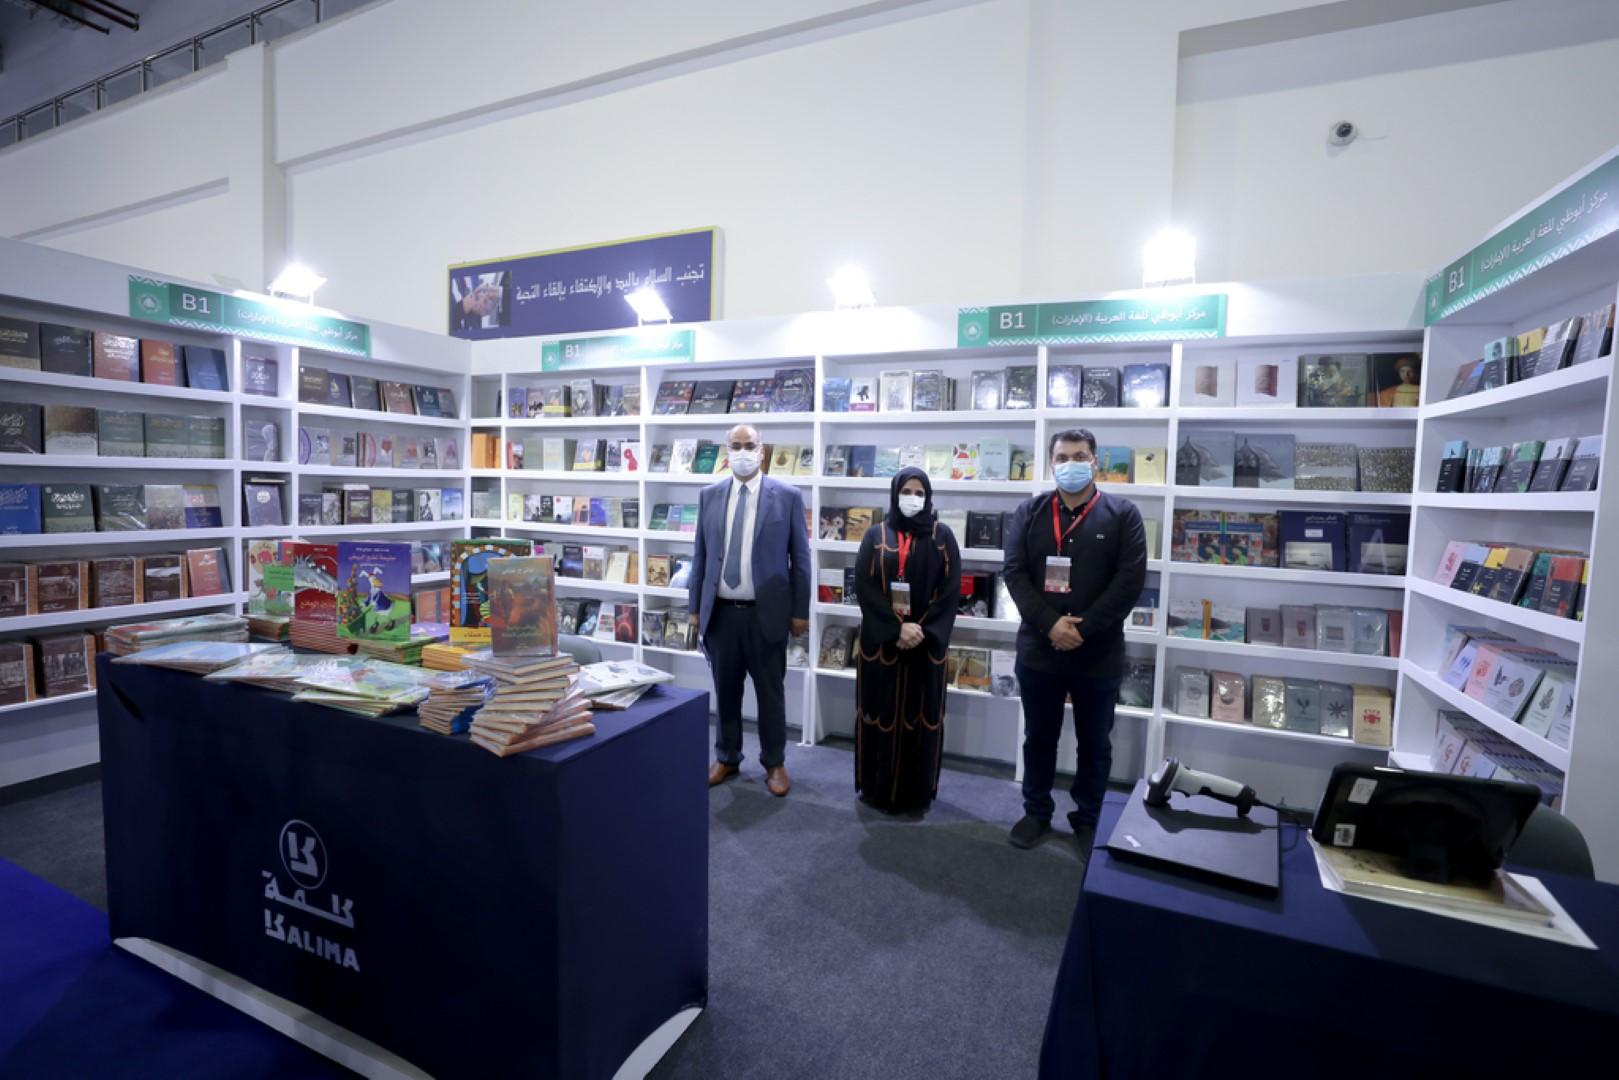 دائرة الثقافة و السياحة - أبوظبي تختتم بنجاح مشاركتها في معرض القاهرة للكتاب